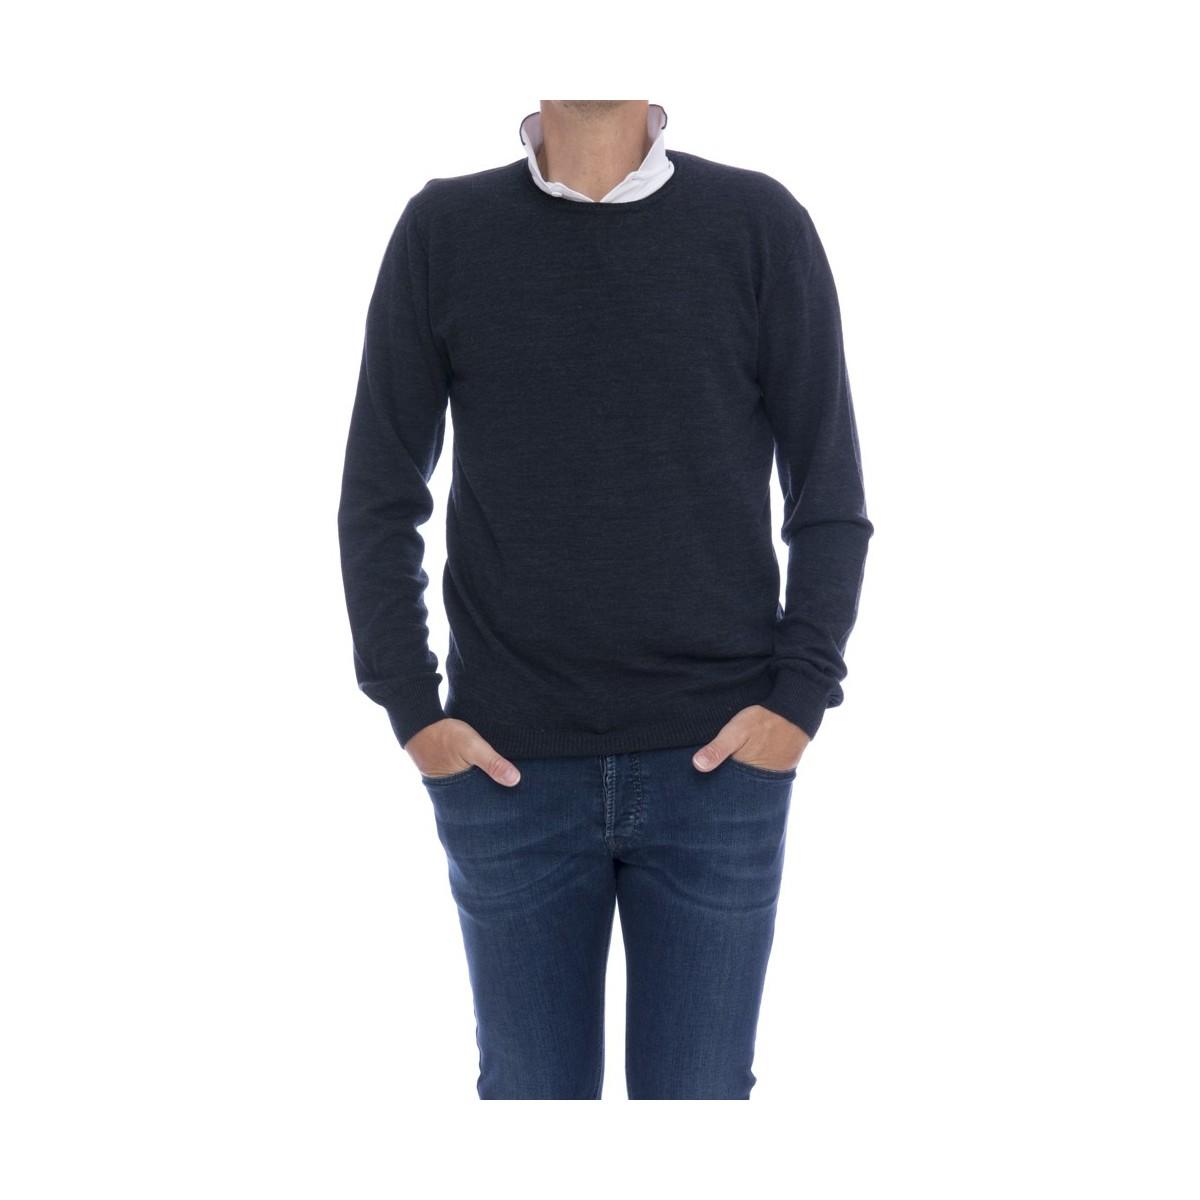 Maglia uomo Jurta - V301 lana merinos reversibile